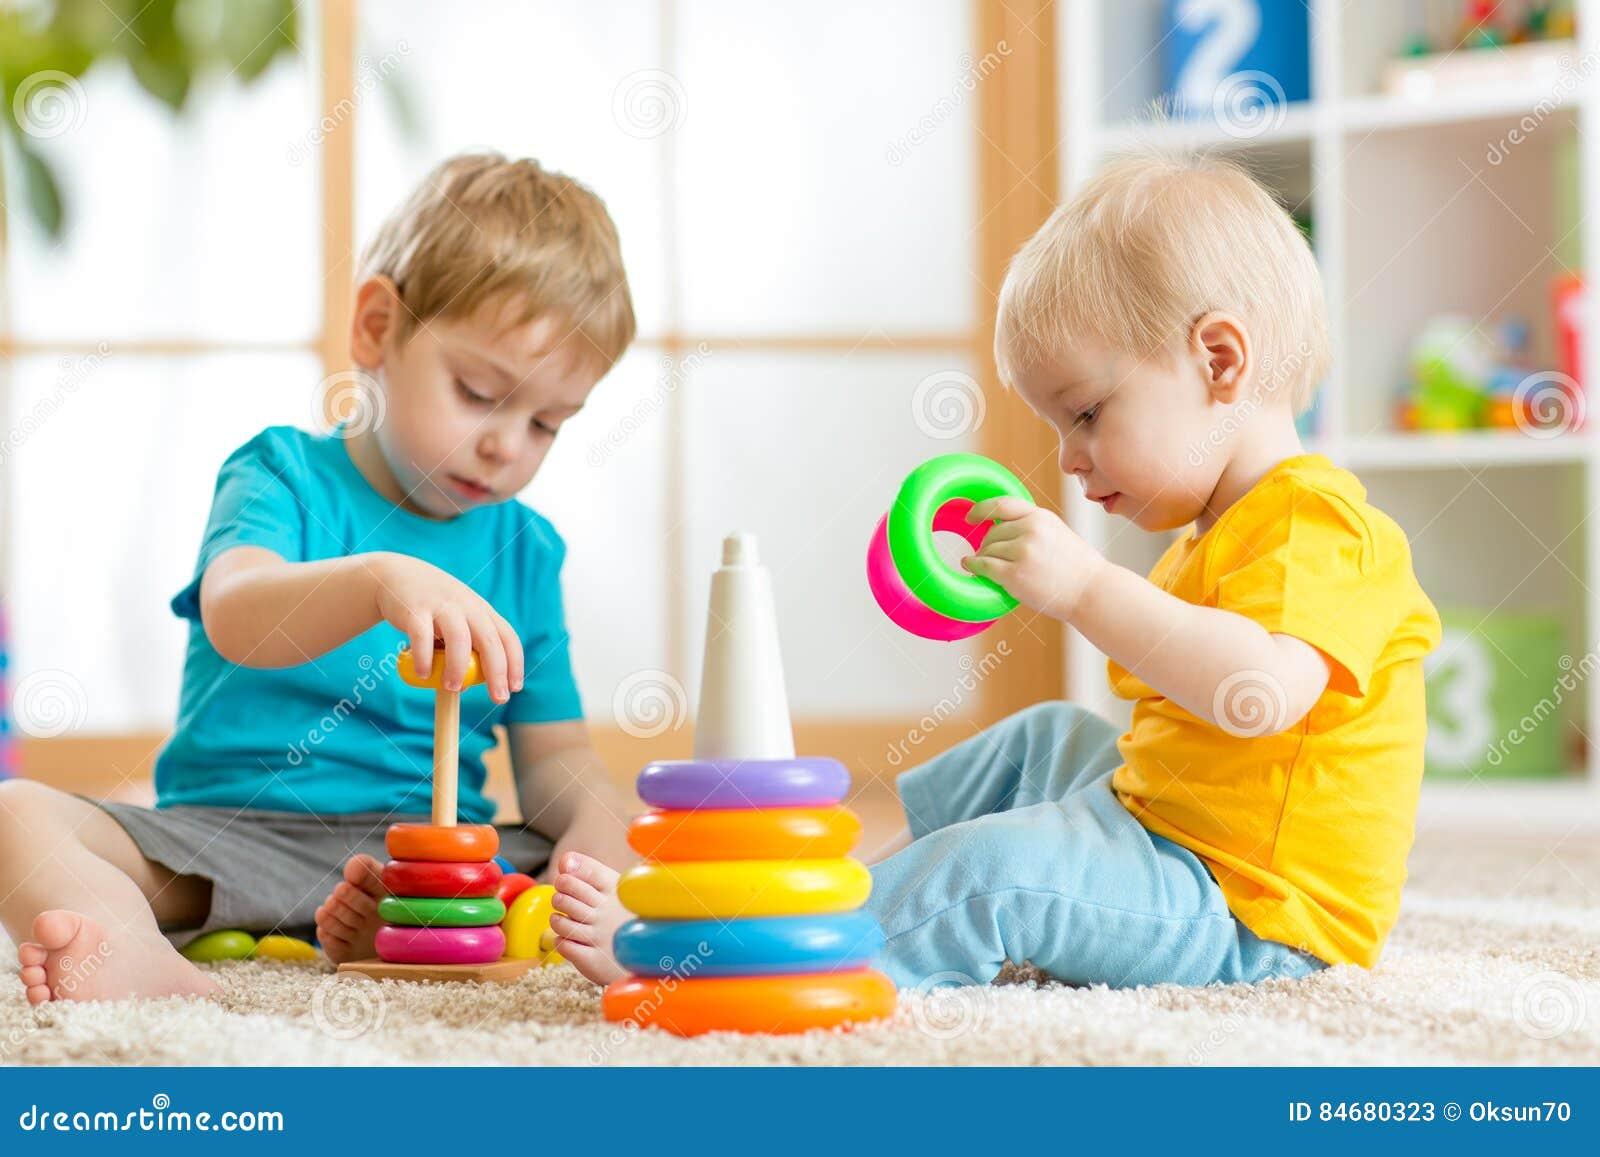 Niños que juegan junto Niño del niño y juego del bebé con los bloques Juguetes educativos para el niño preescolar de la guardería